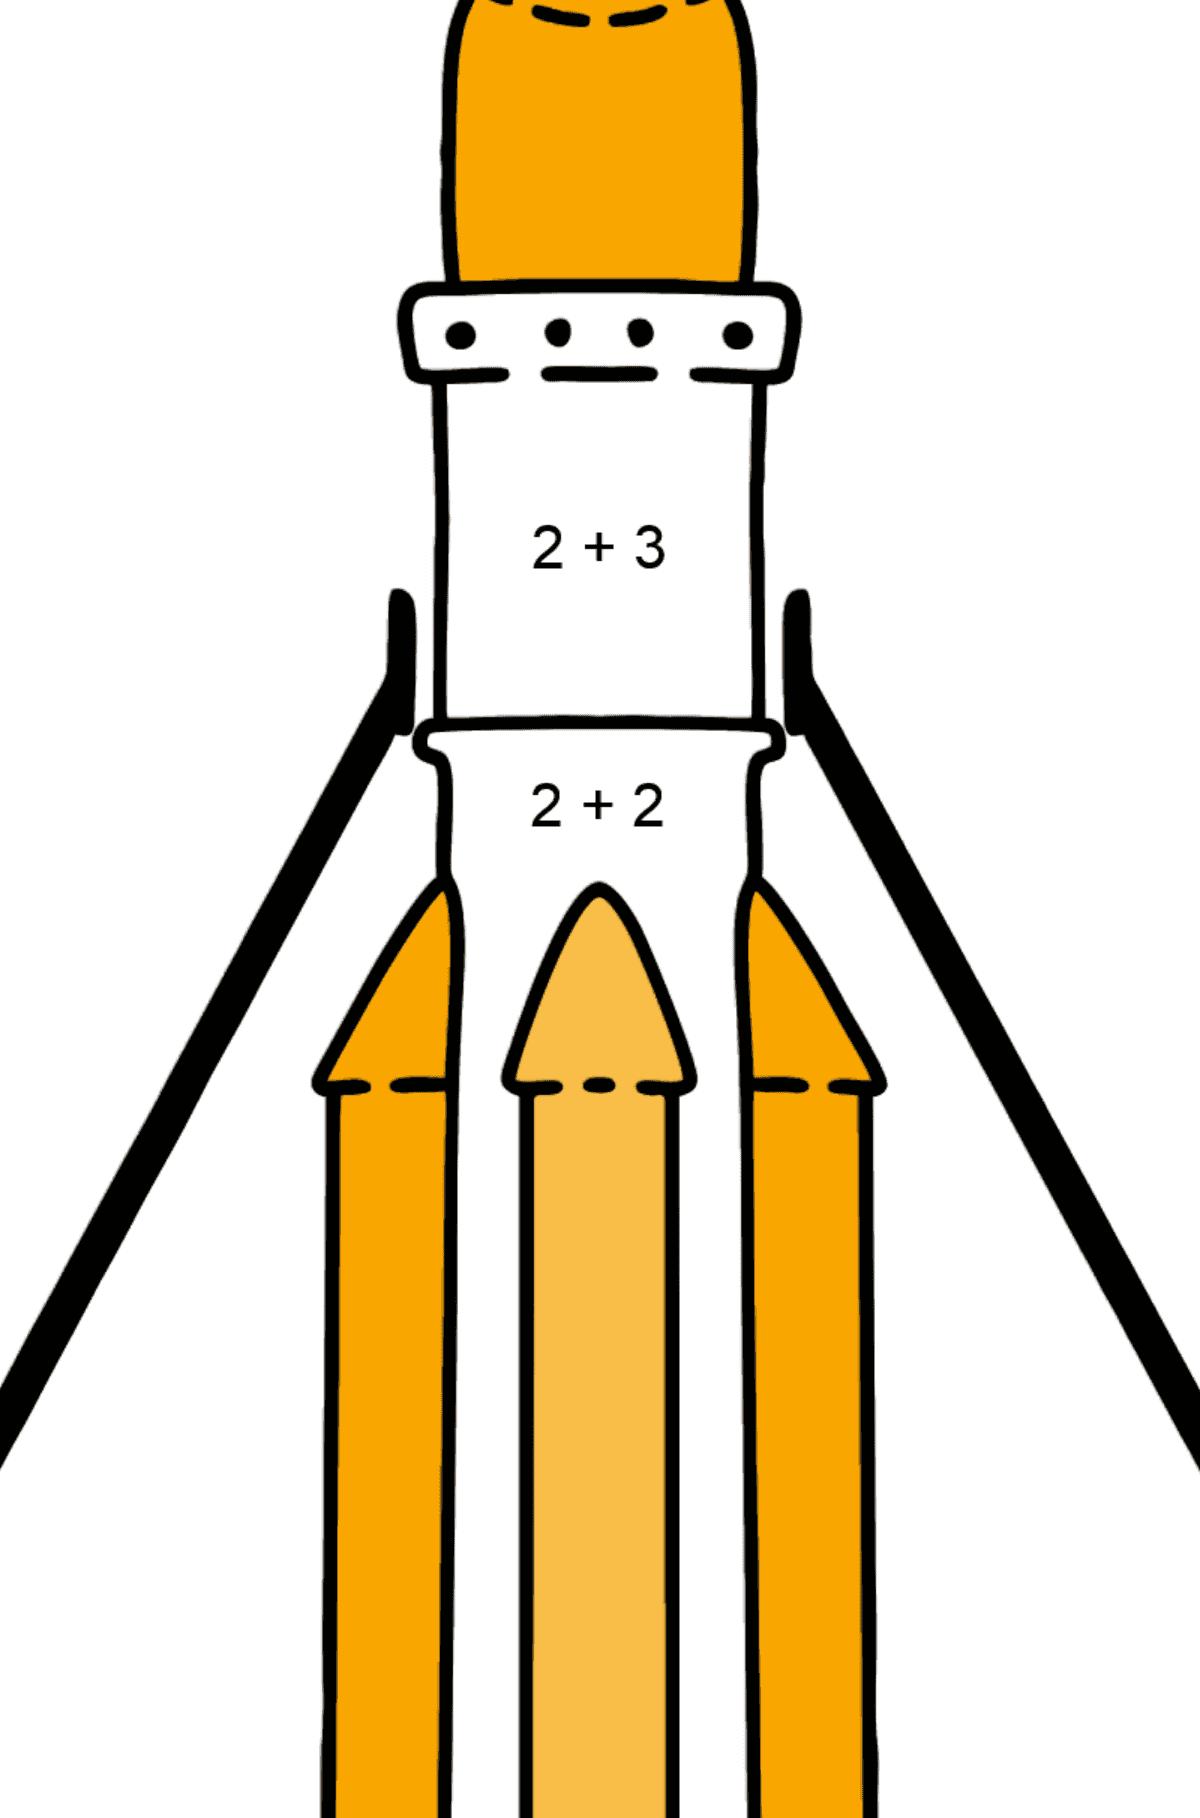 Раскраска ракета - Математическая Раскраска - Сложение для Детей